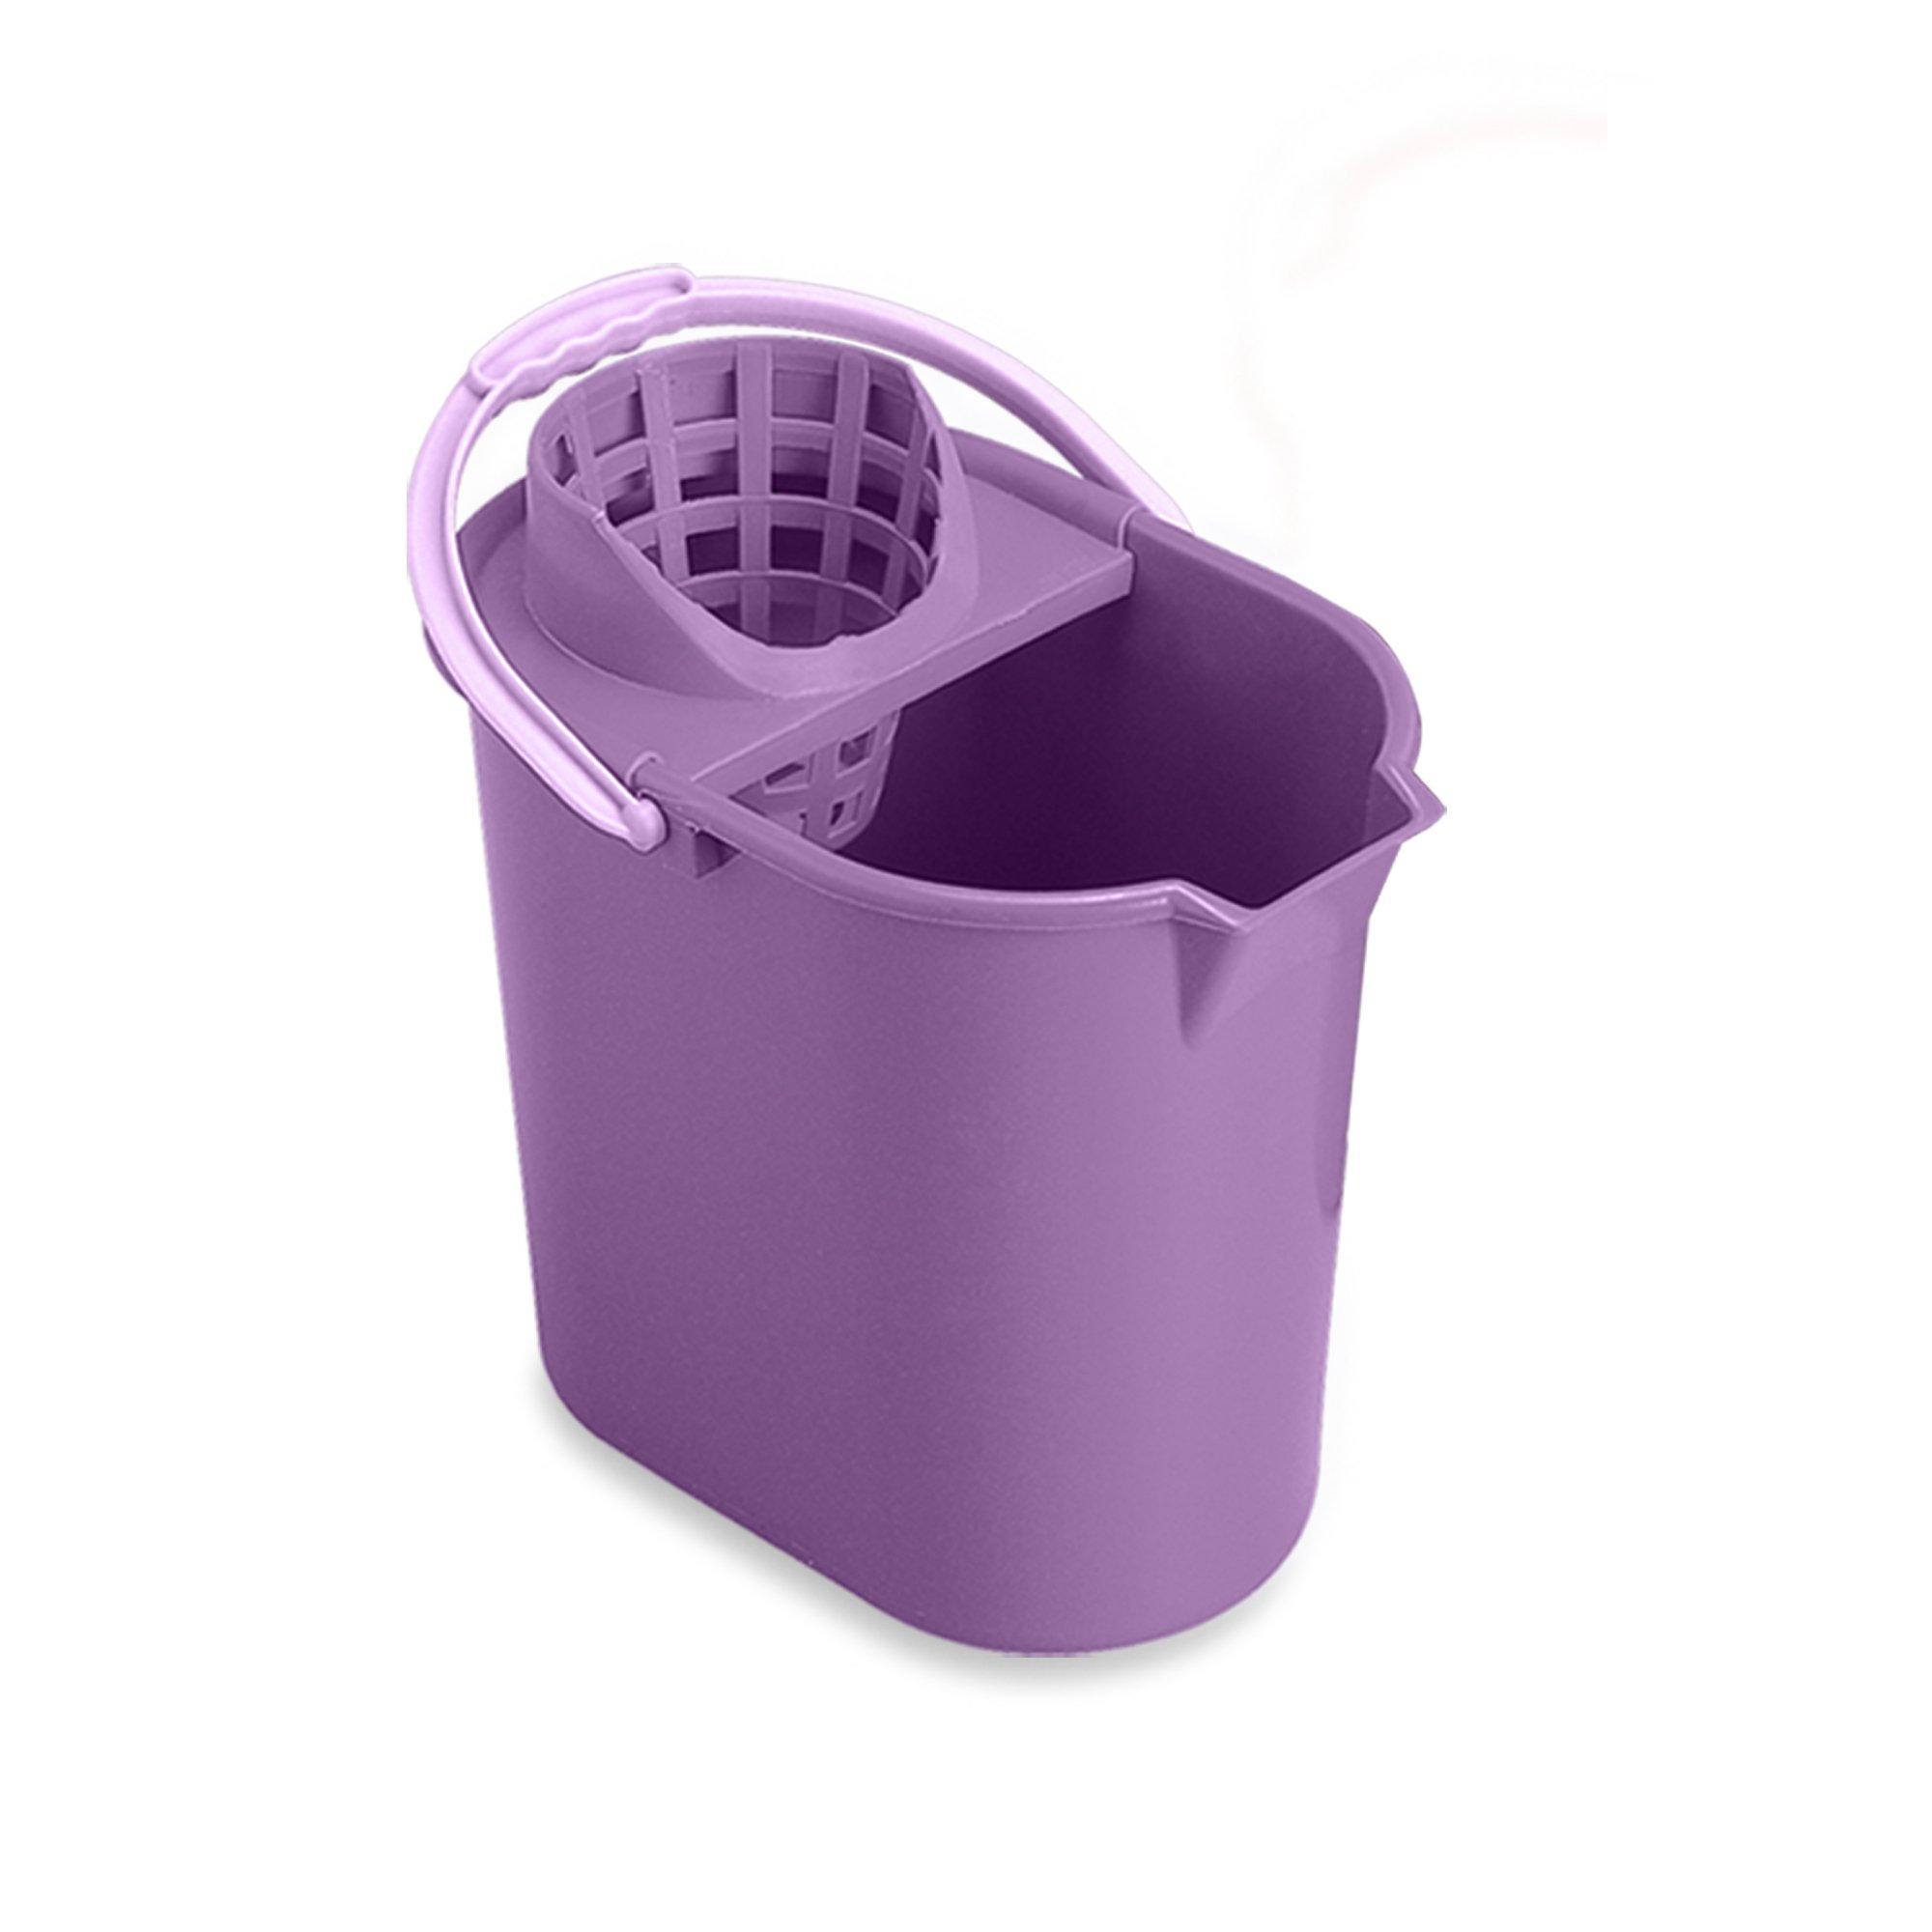 Mery 0312.09 - Cubo de fregar y escurridor, 12 l, color lila product image